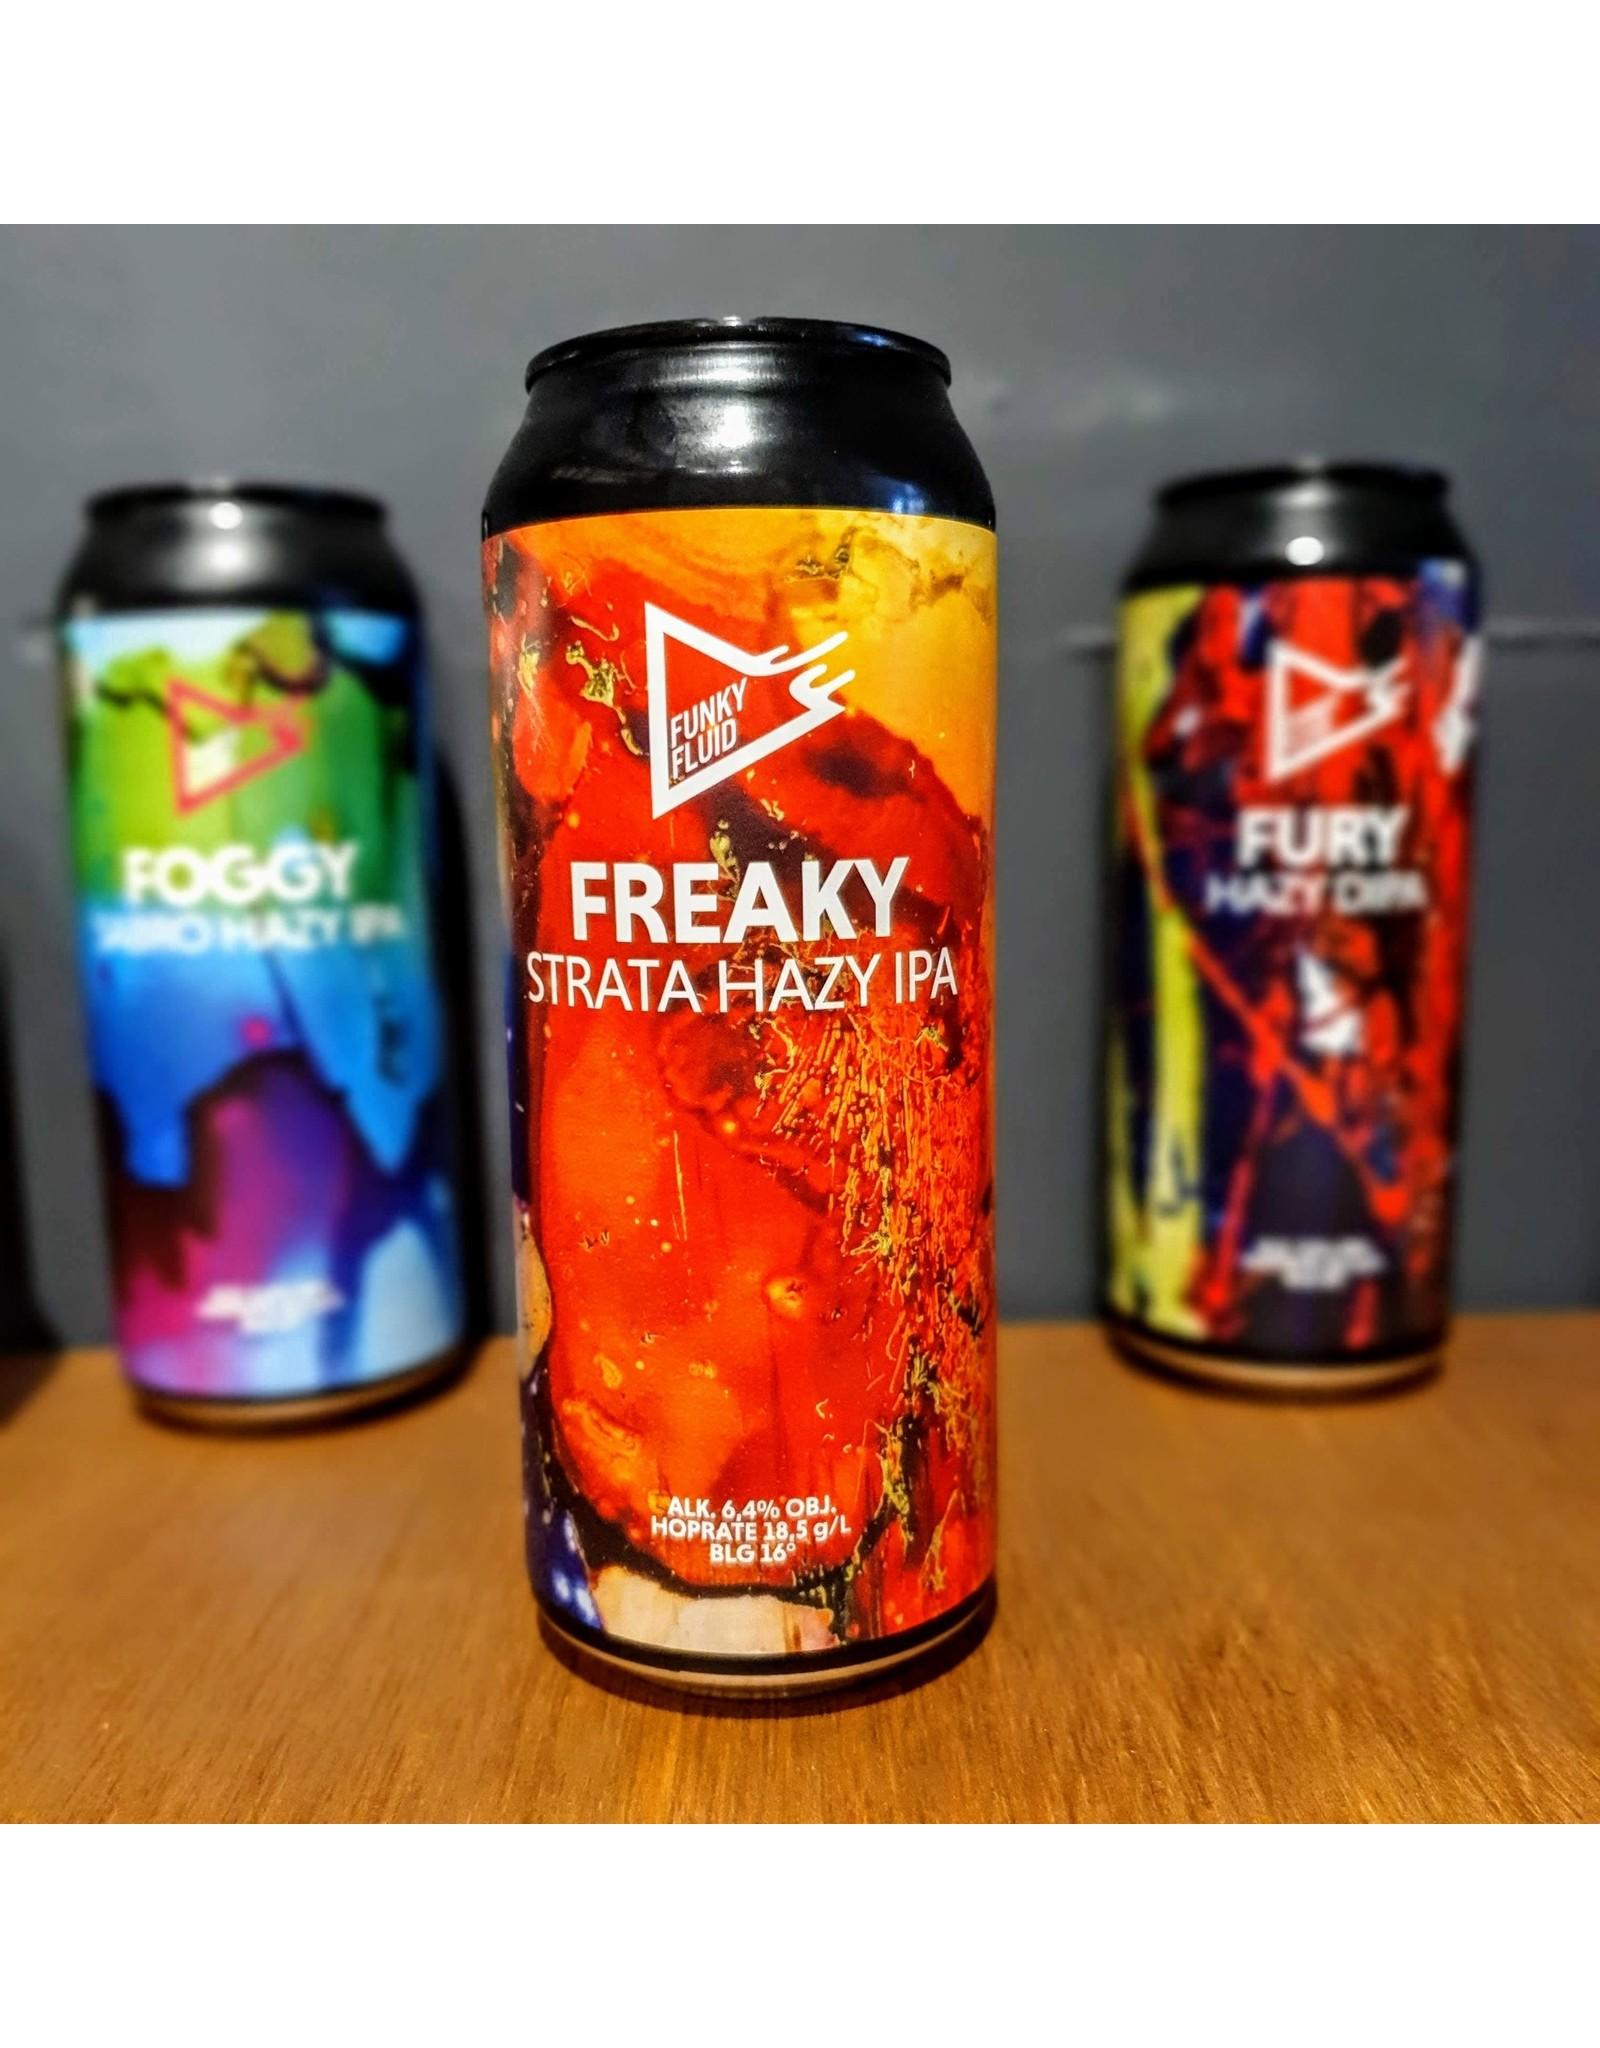 Funky Fluid Funky Fluid: Freaky